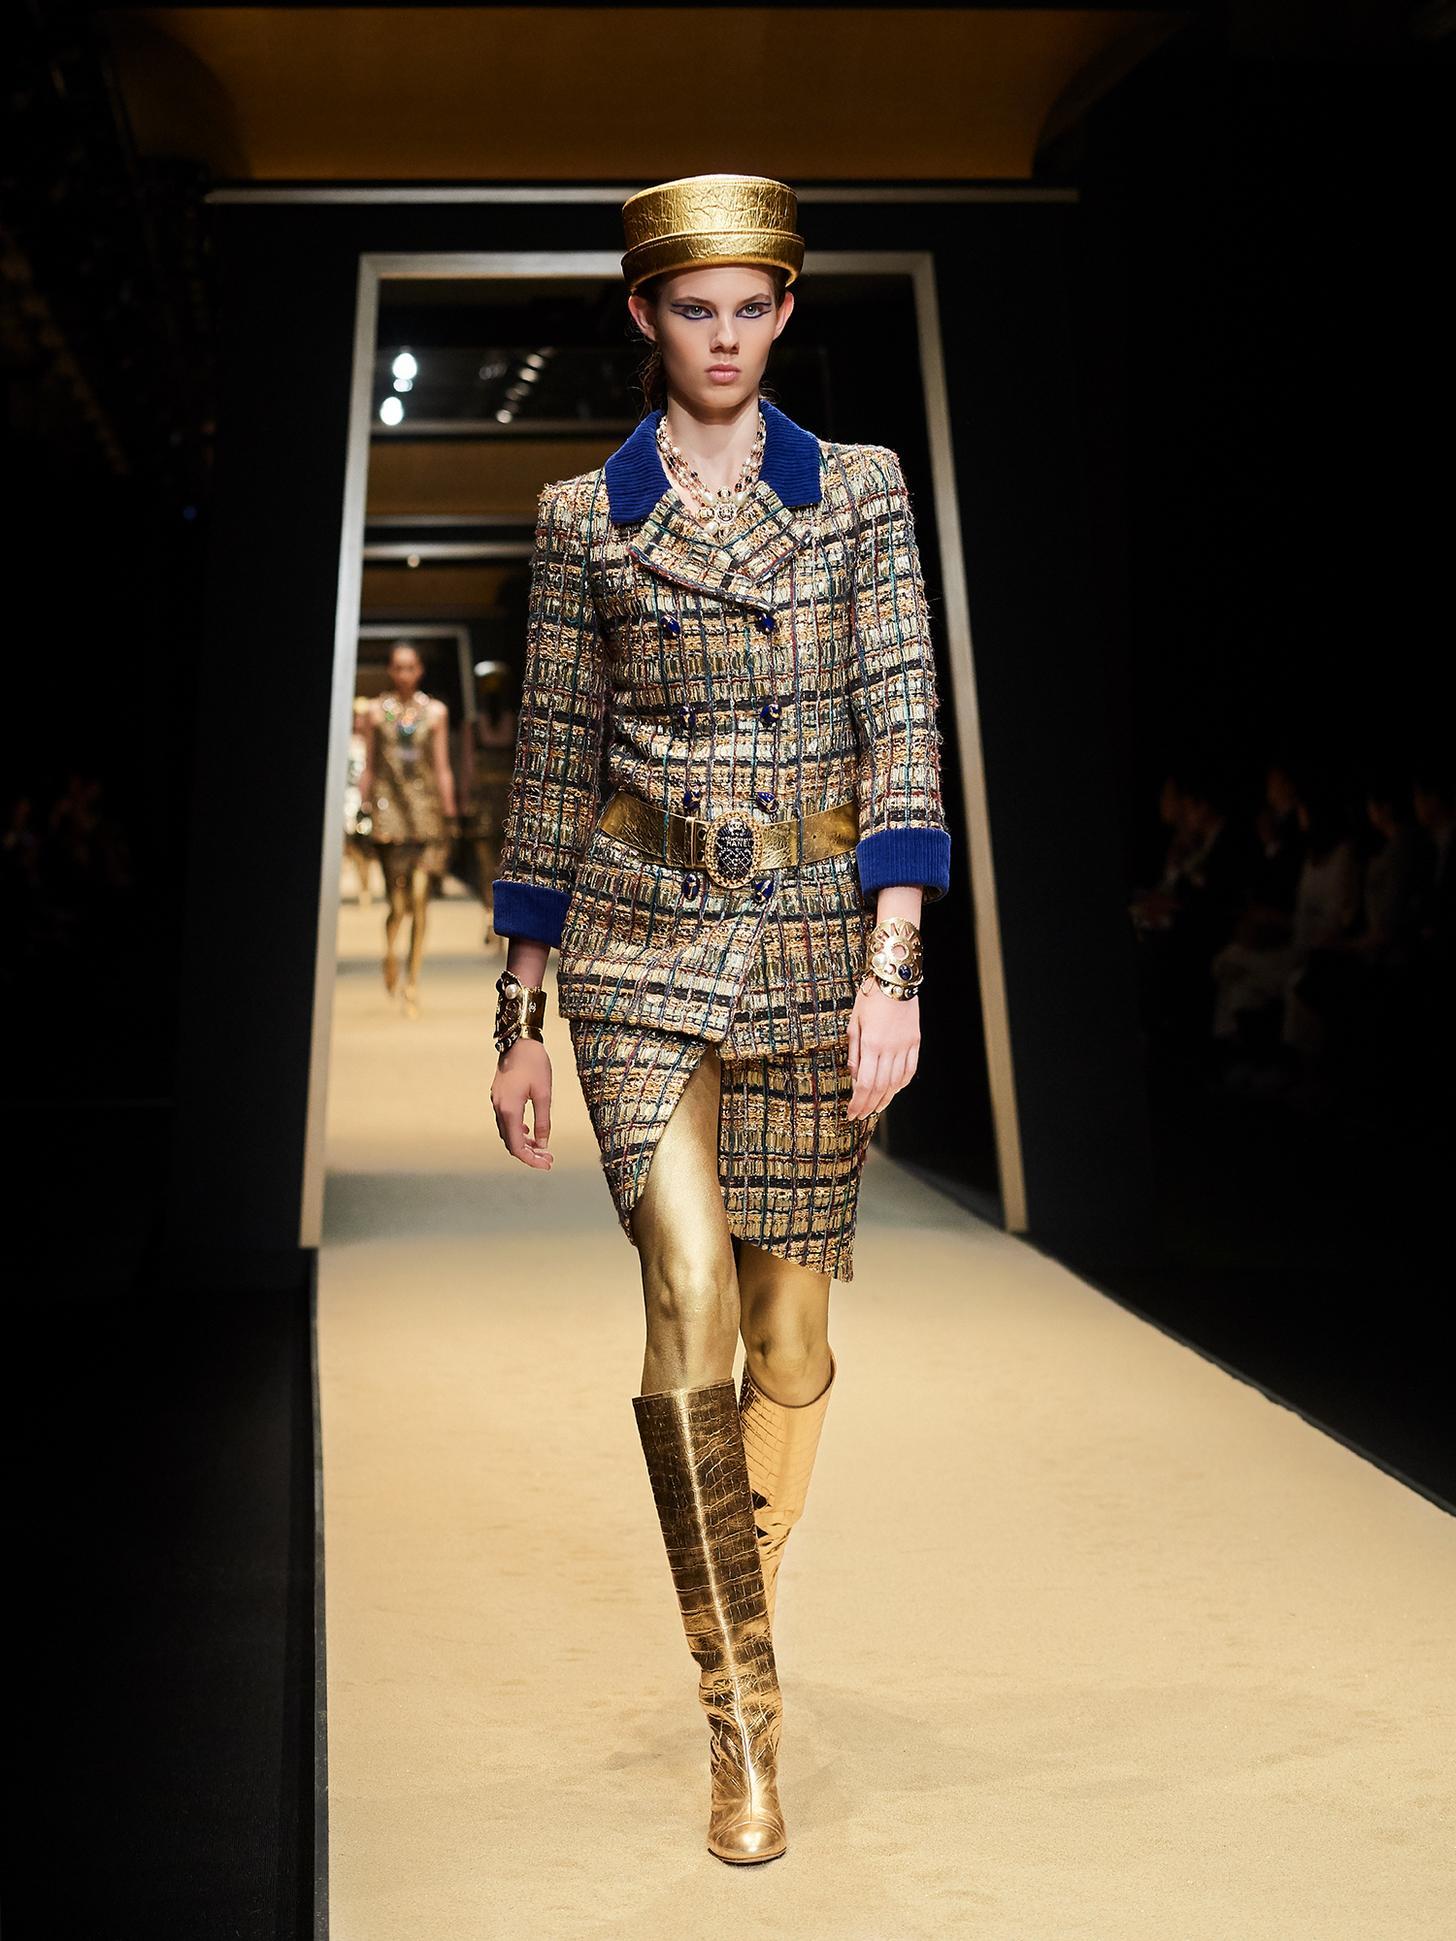 Một trong những trang phục thuộc BST Chanel Métier d'art Paris kết hợp giữa Cyril Kongo và huyền thoại Karl Lagerfeld